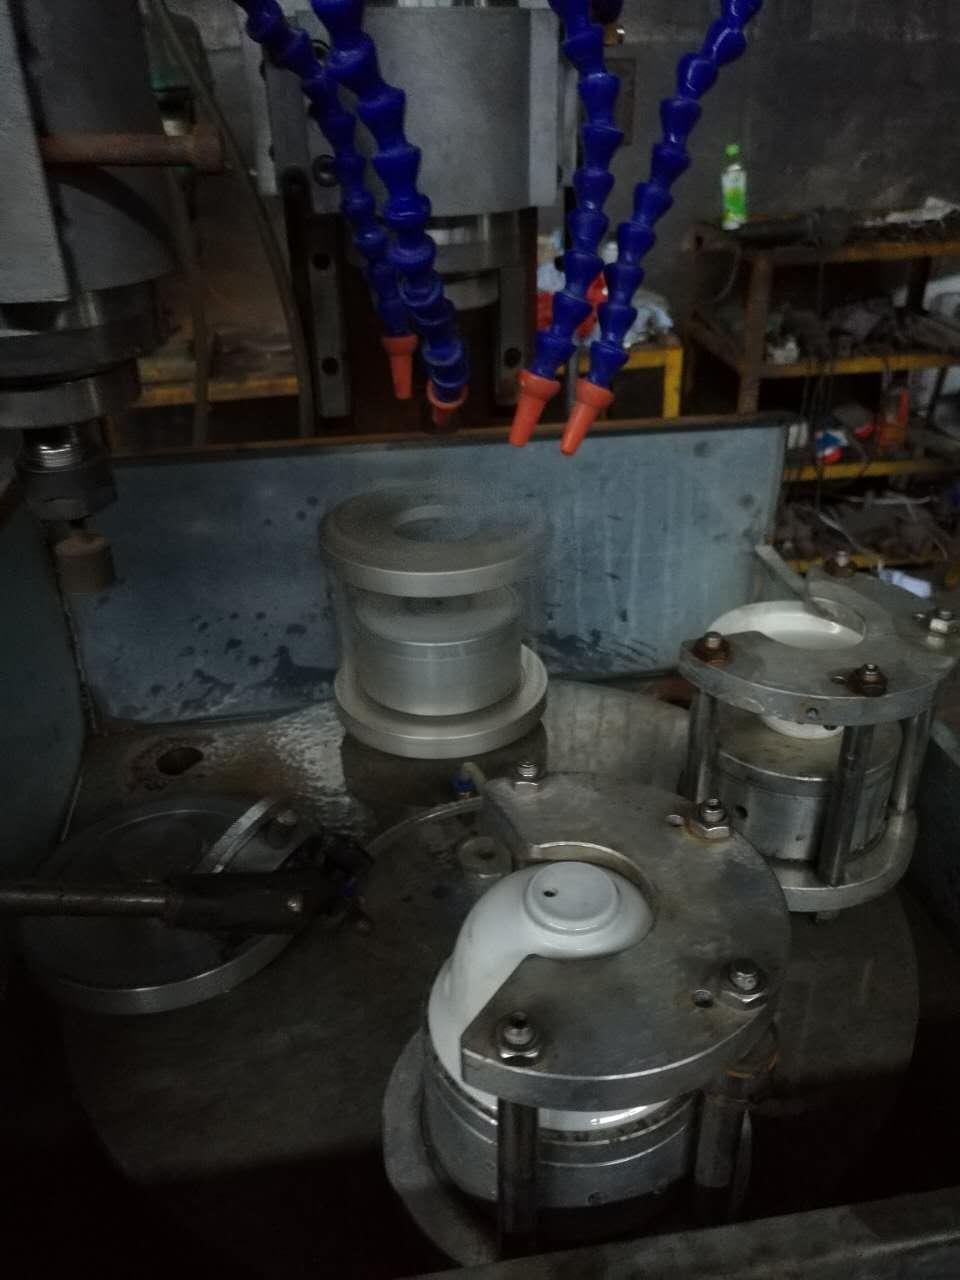 机械设计与制造 电气交流版块高速磨头磨削底部大家好,我做了一台小机器,用来磨陶瓷的内孔底部,内孔底部直径30mm,采用凸轮分割器带动转盘旋转,工件由微型电机带动自转